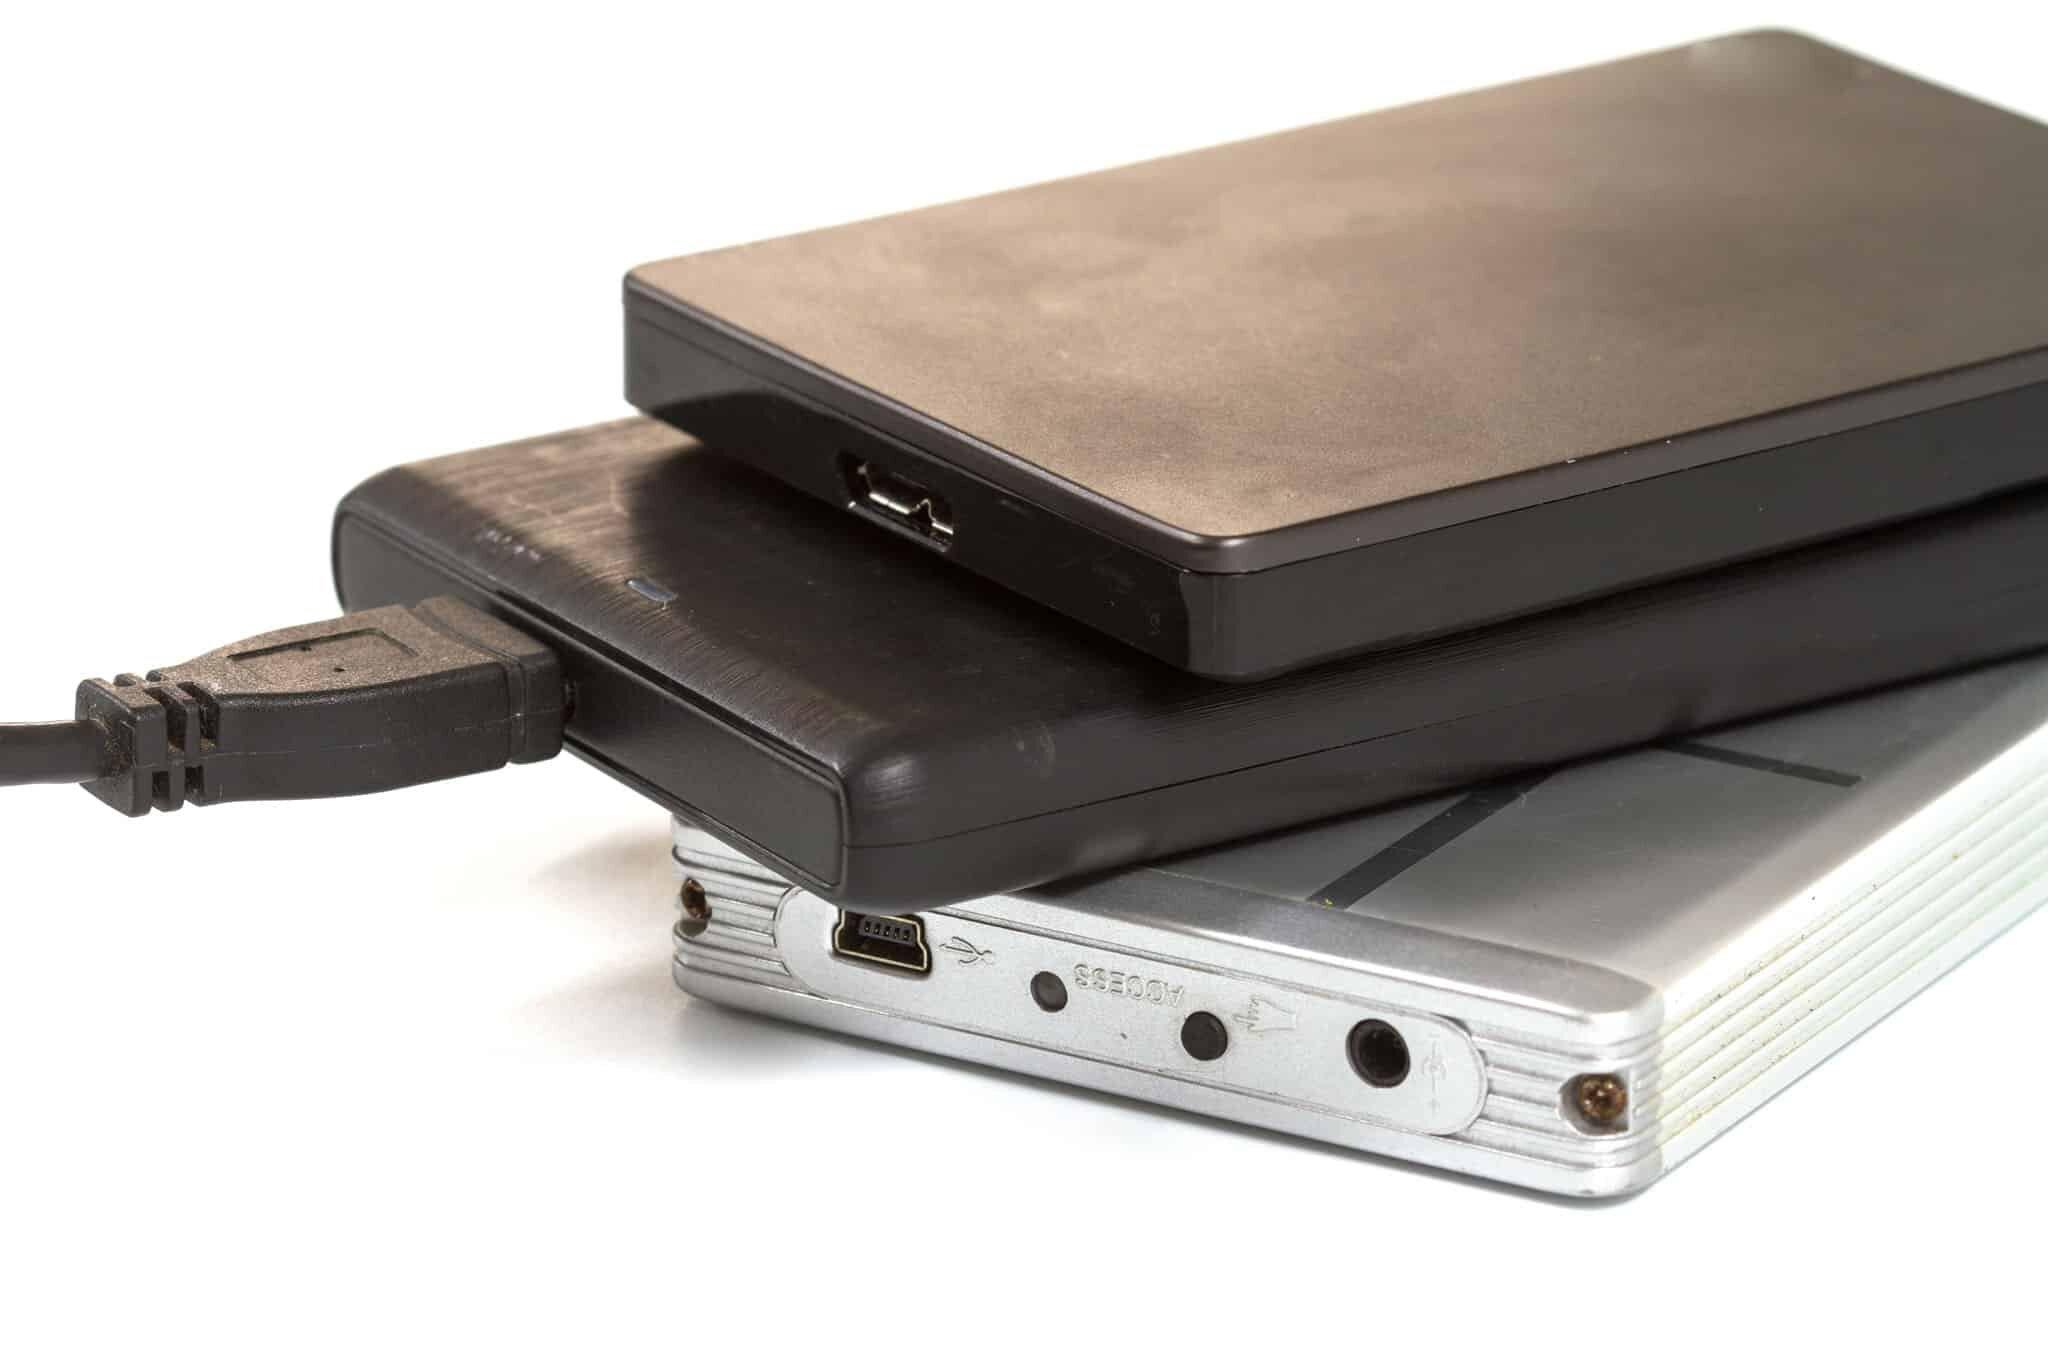 Externe Festplatten mit Datenverlust, meißt dursch Stoßschäden